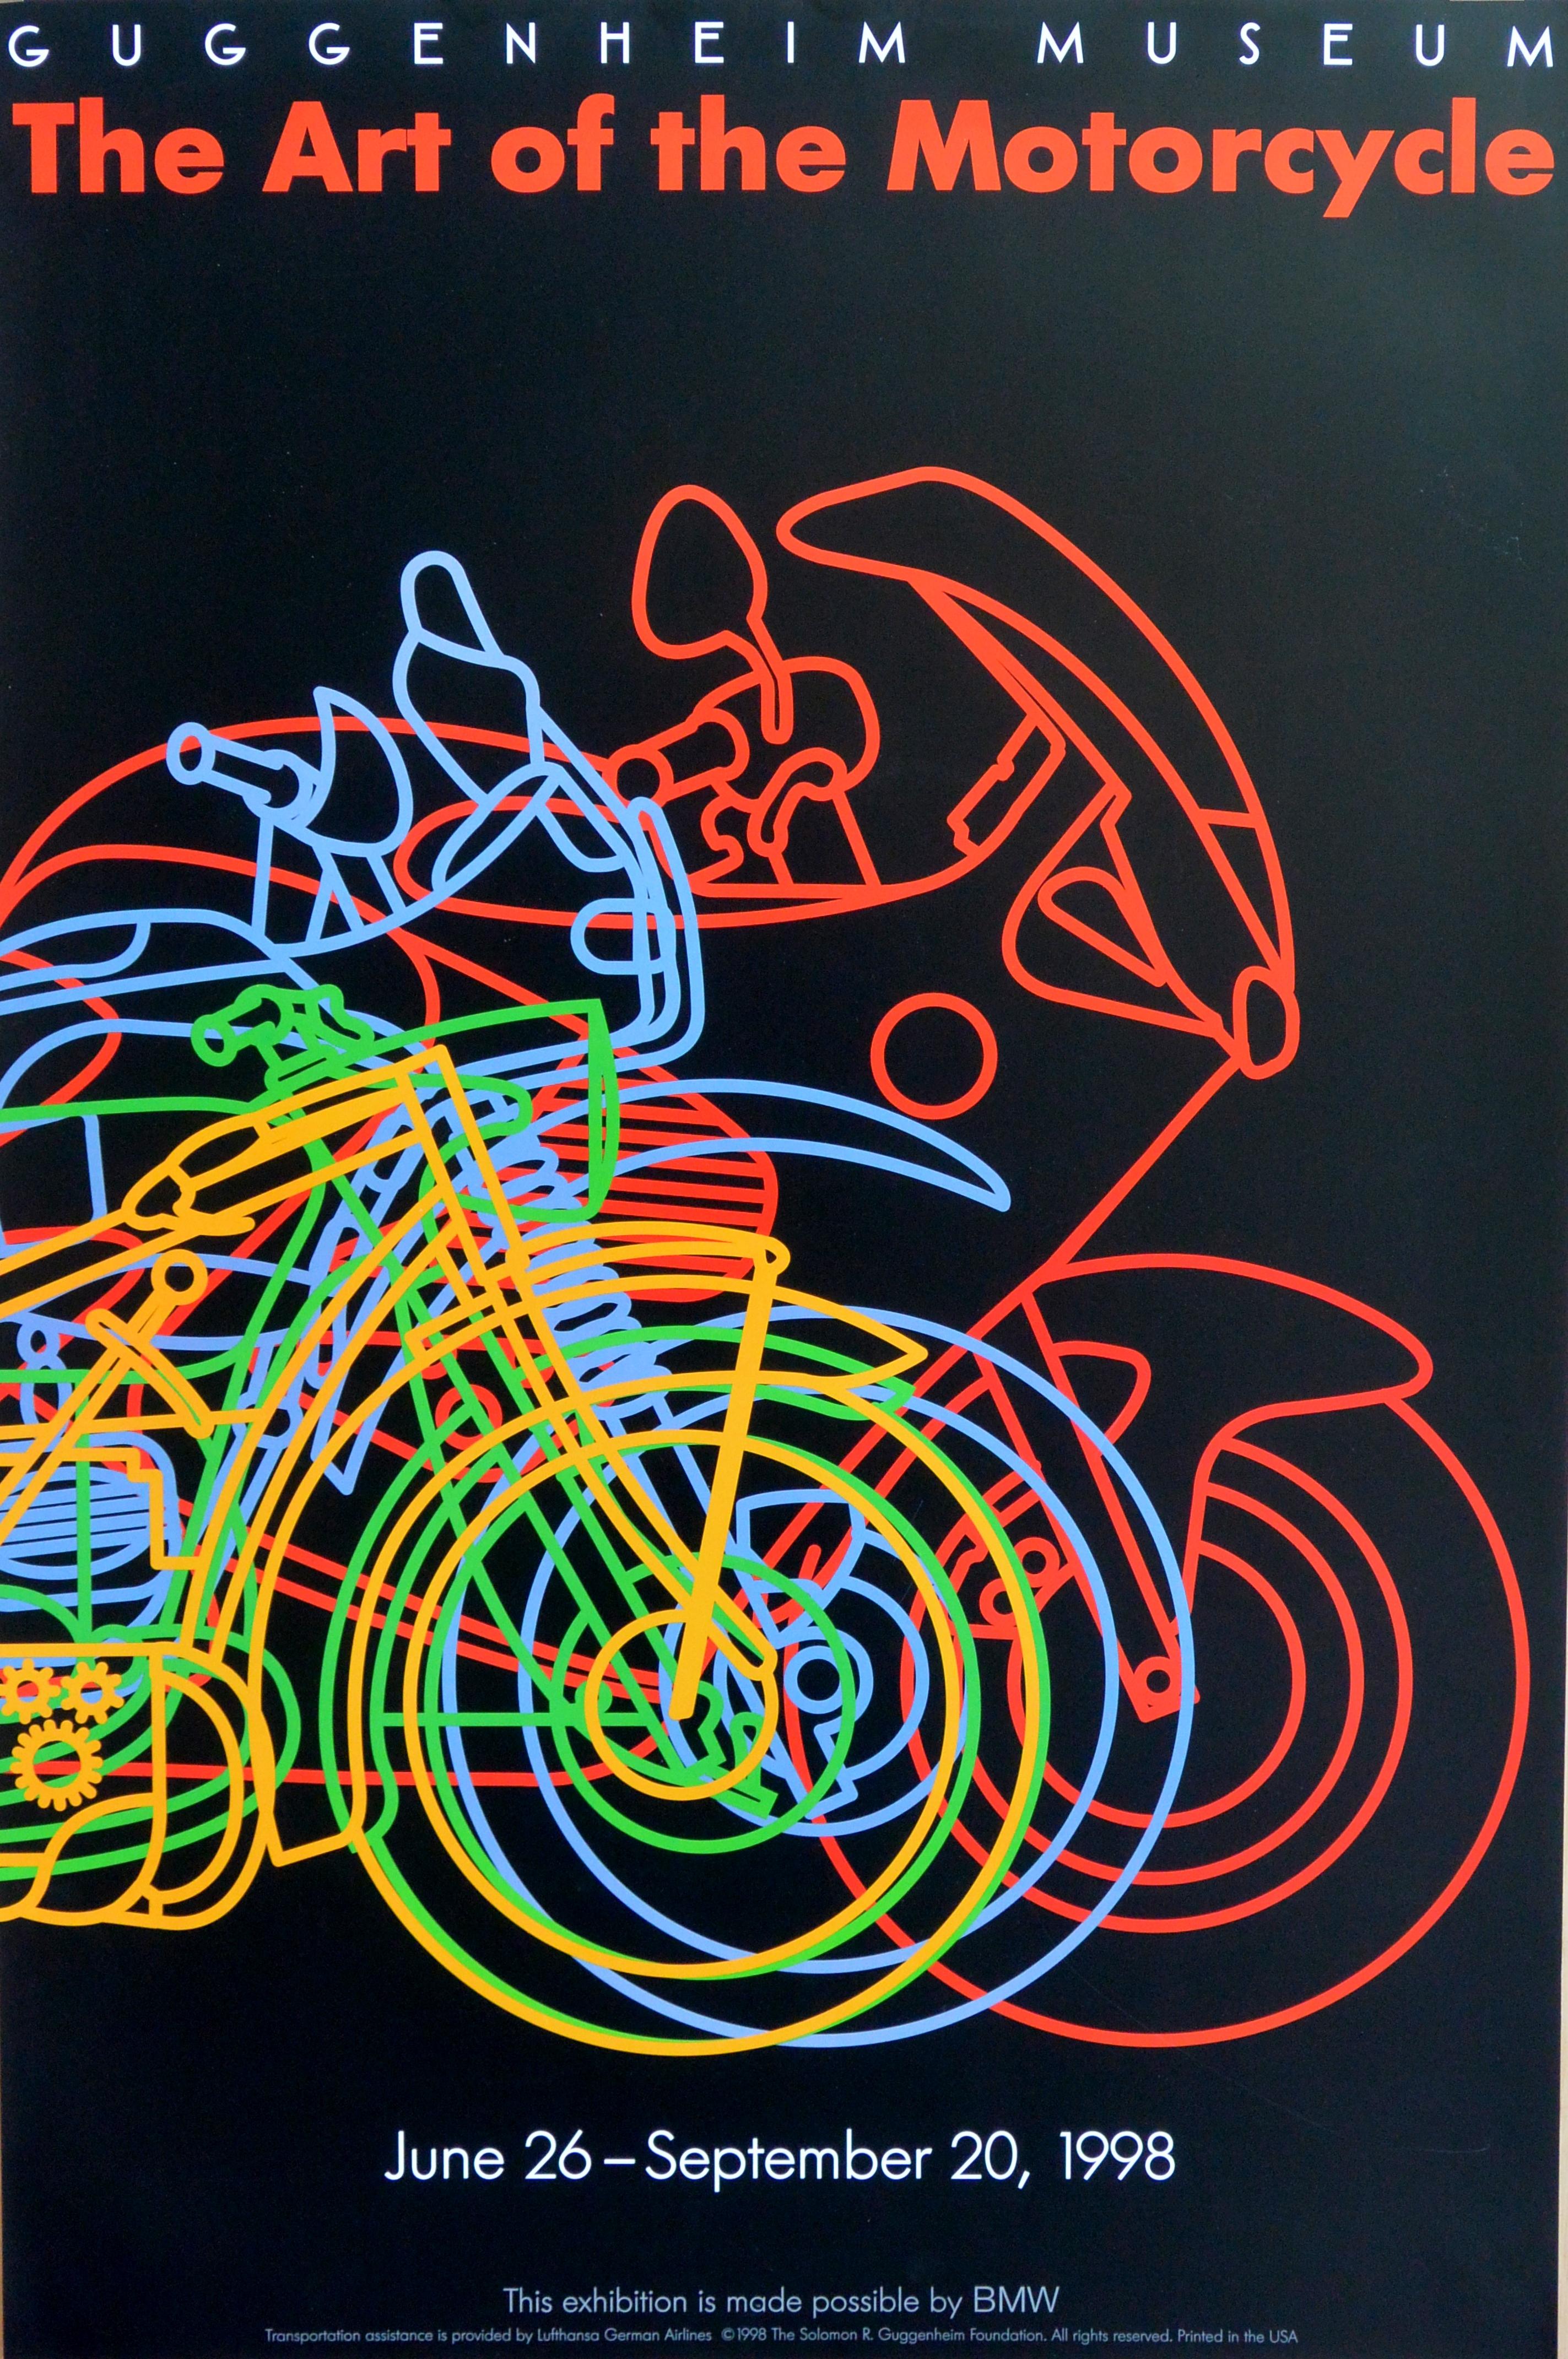 79 Guggenheim Motorbike Museum The Hermitage